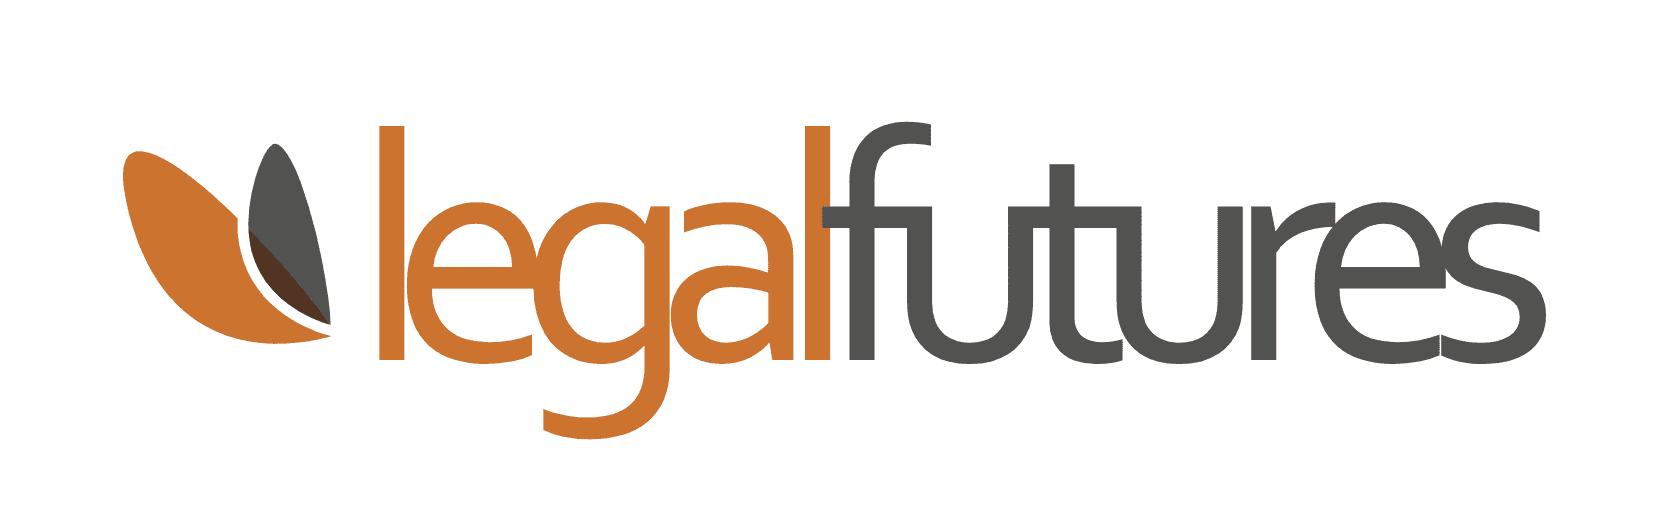 Legal Futures Logo